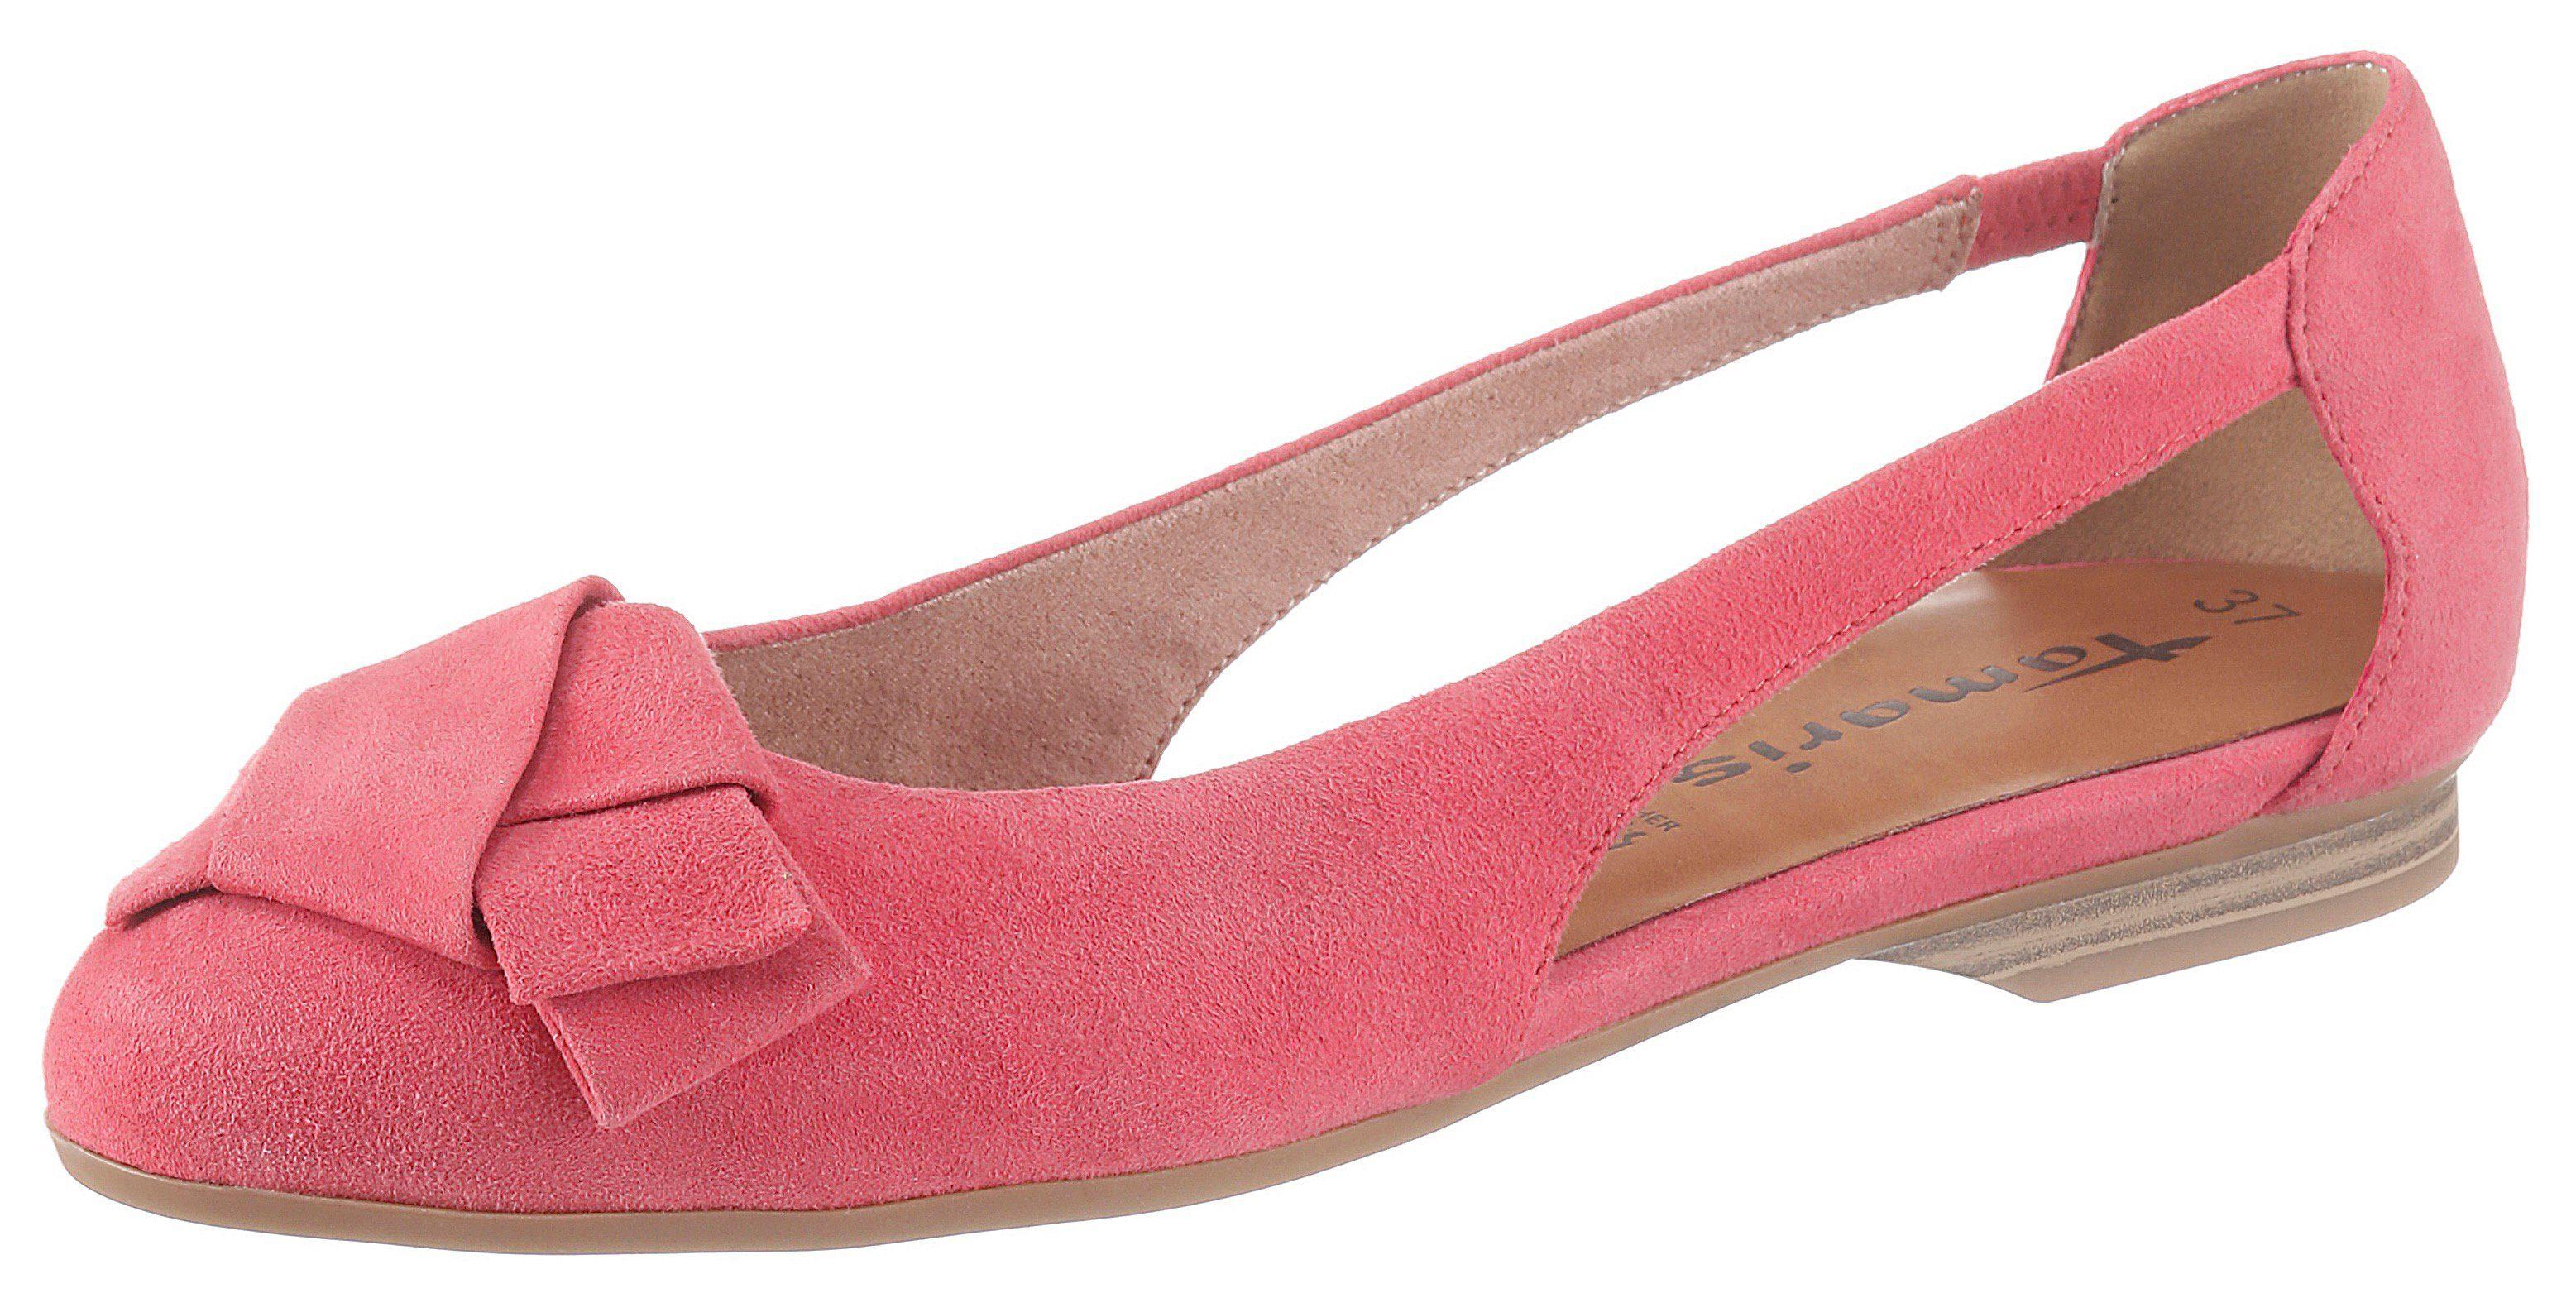 Tamaris »Runa« Ballerina mit Zierschleife kaufen | OTTO